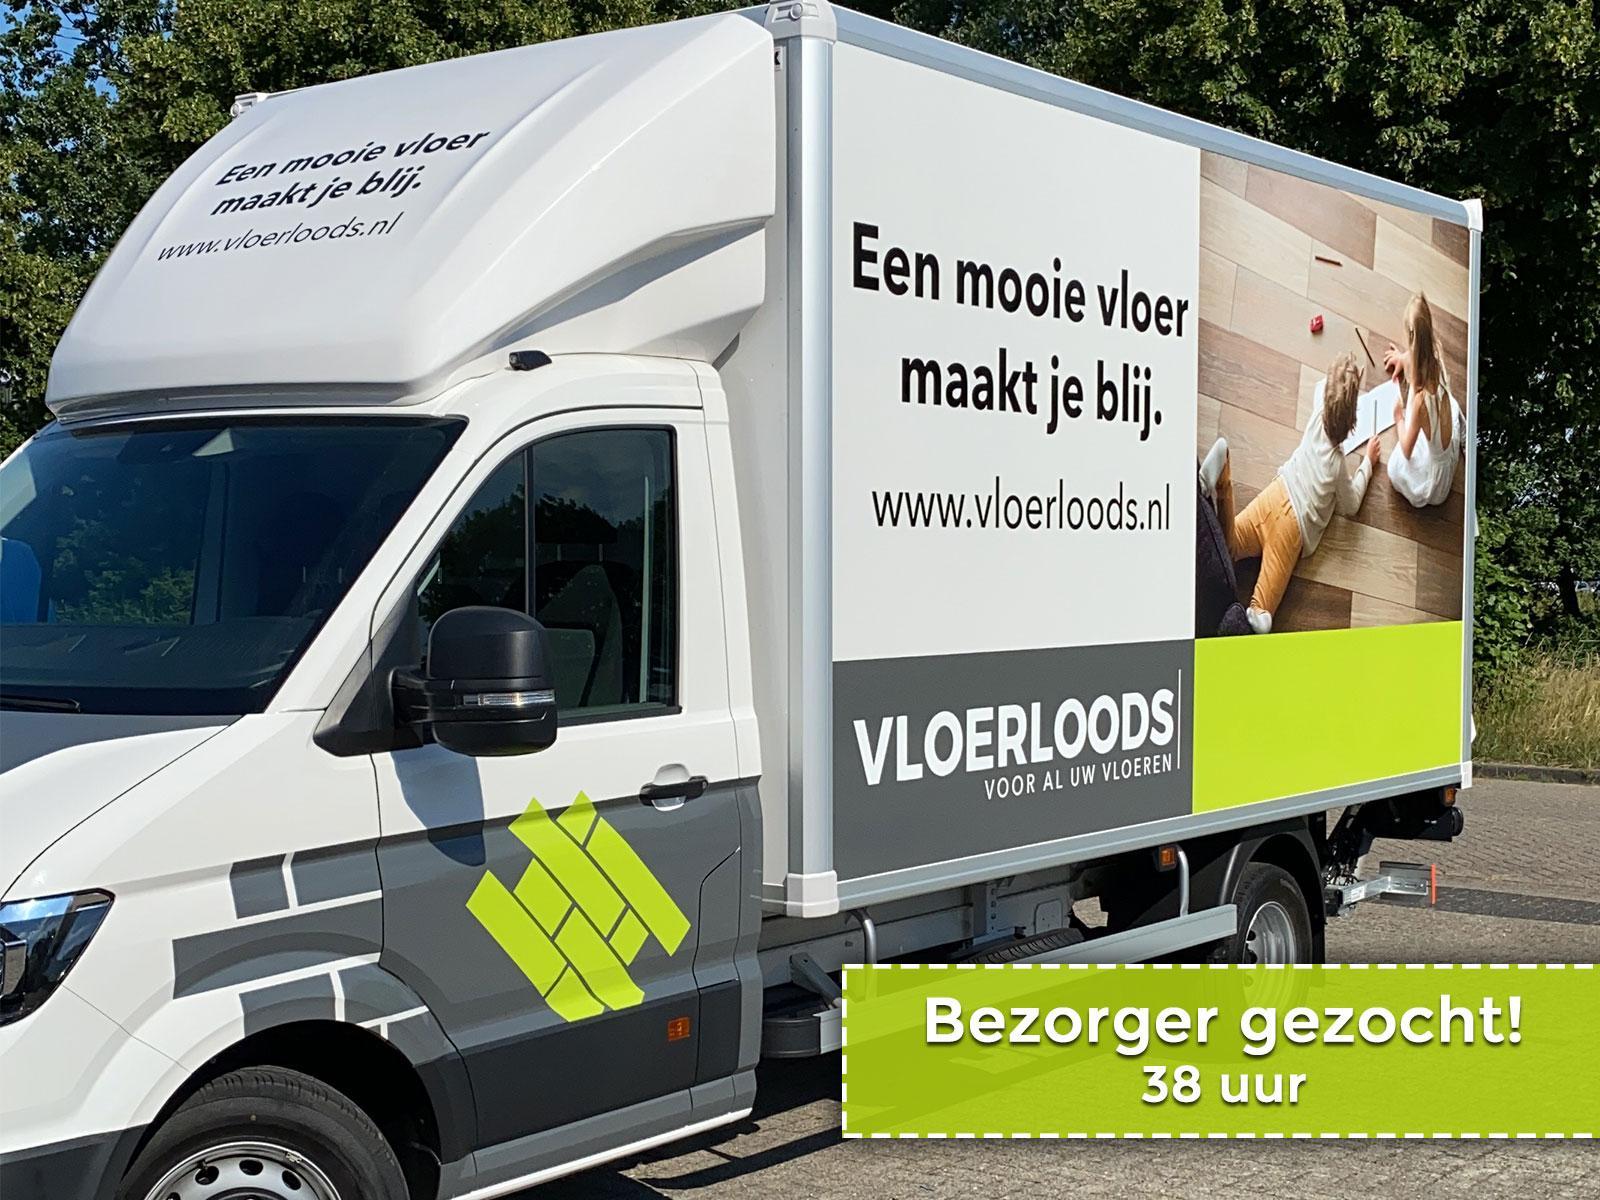 Vacature magazijnmedewerker Vloerloods.nl Kampen